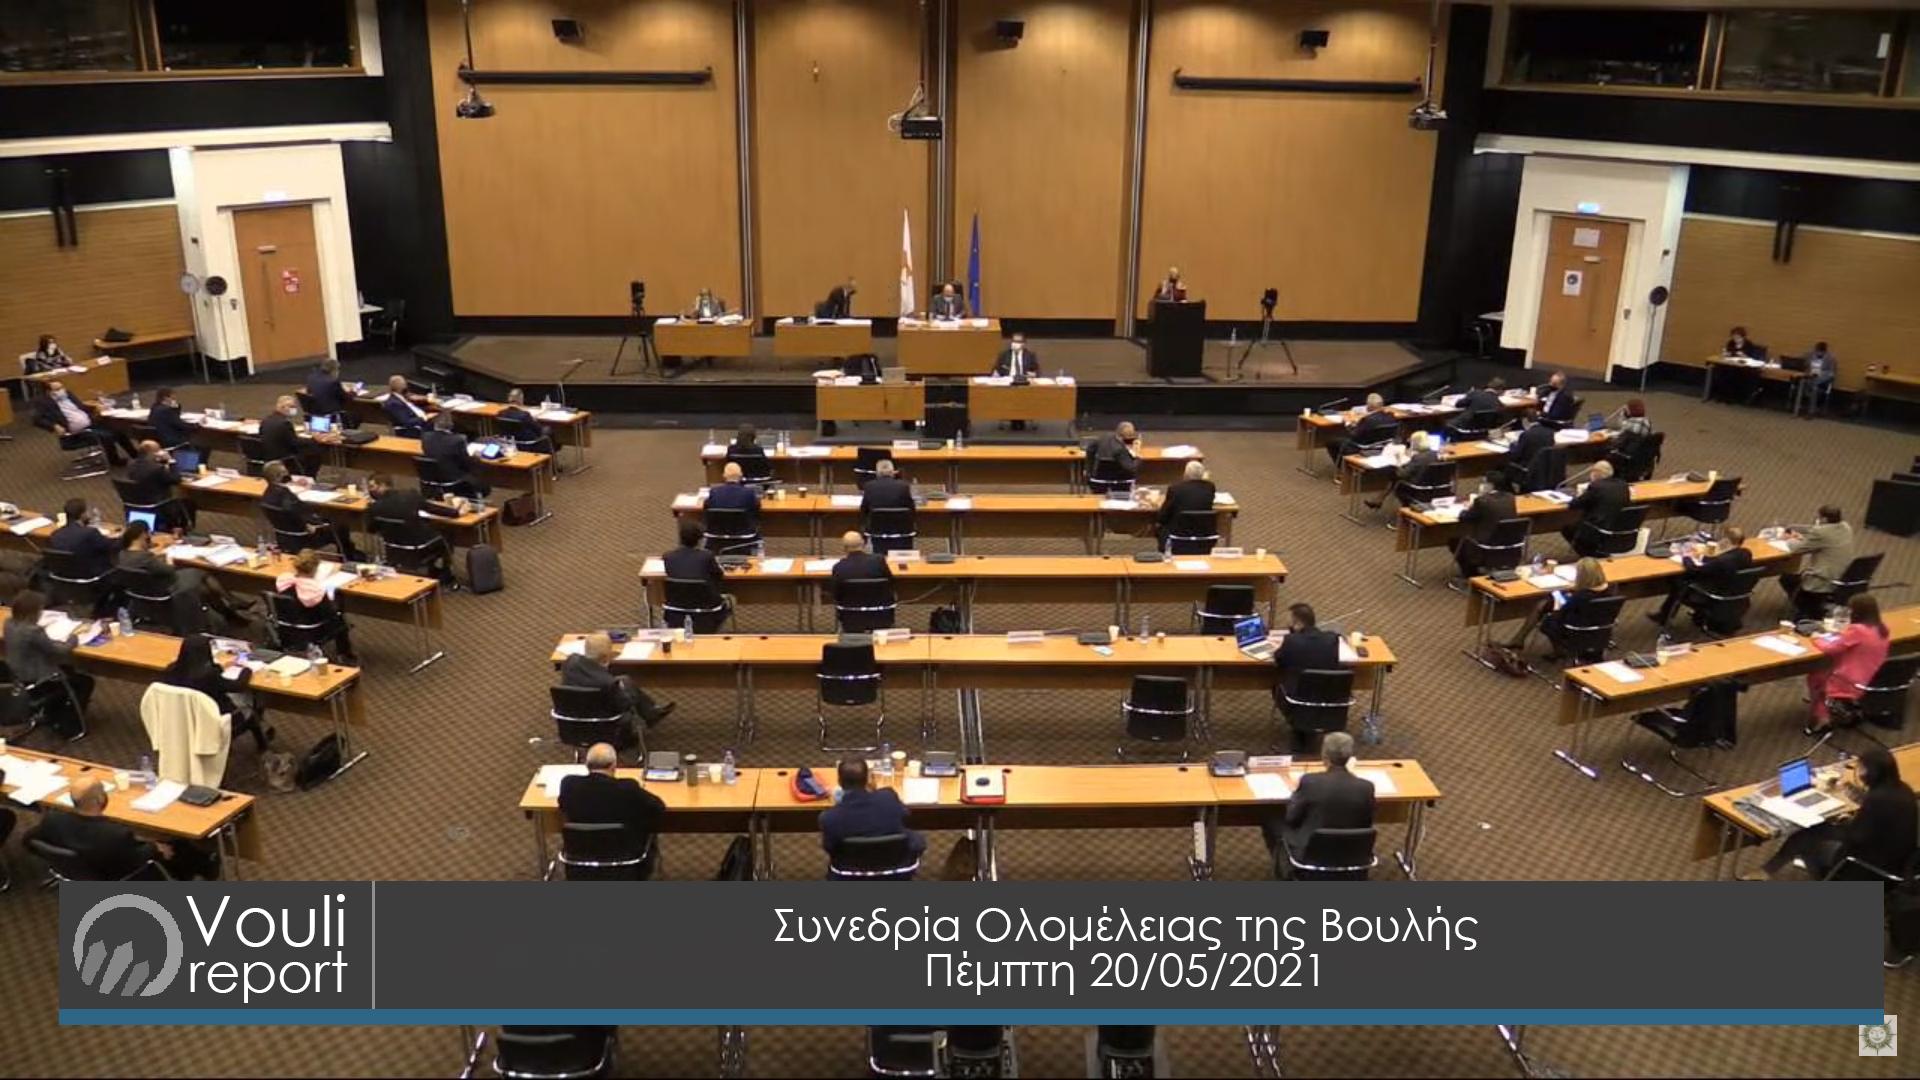 Συνεδρία Ολομέλειας της Βουλής   20/05/2021